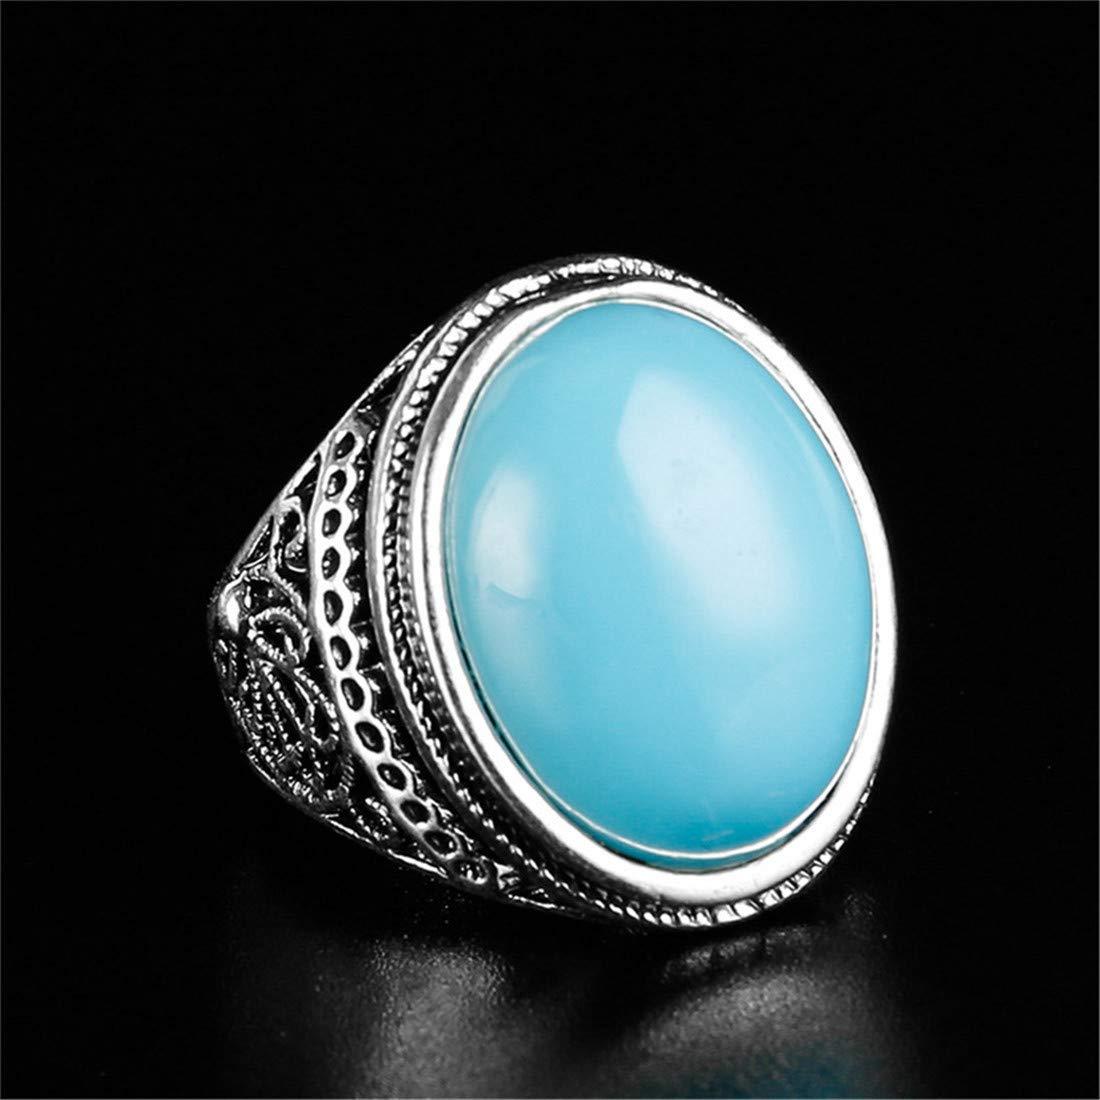 rouge 9 Sperrins Vintage anneaux de bande de pierre naturelle pour femmes hommes mariage d/éclaration d/éclaration de bijoux de fian/çailles cadeau